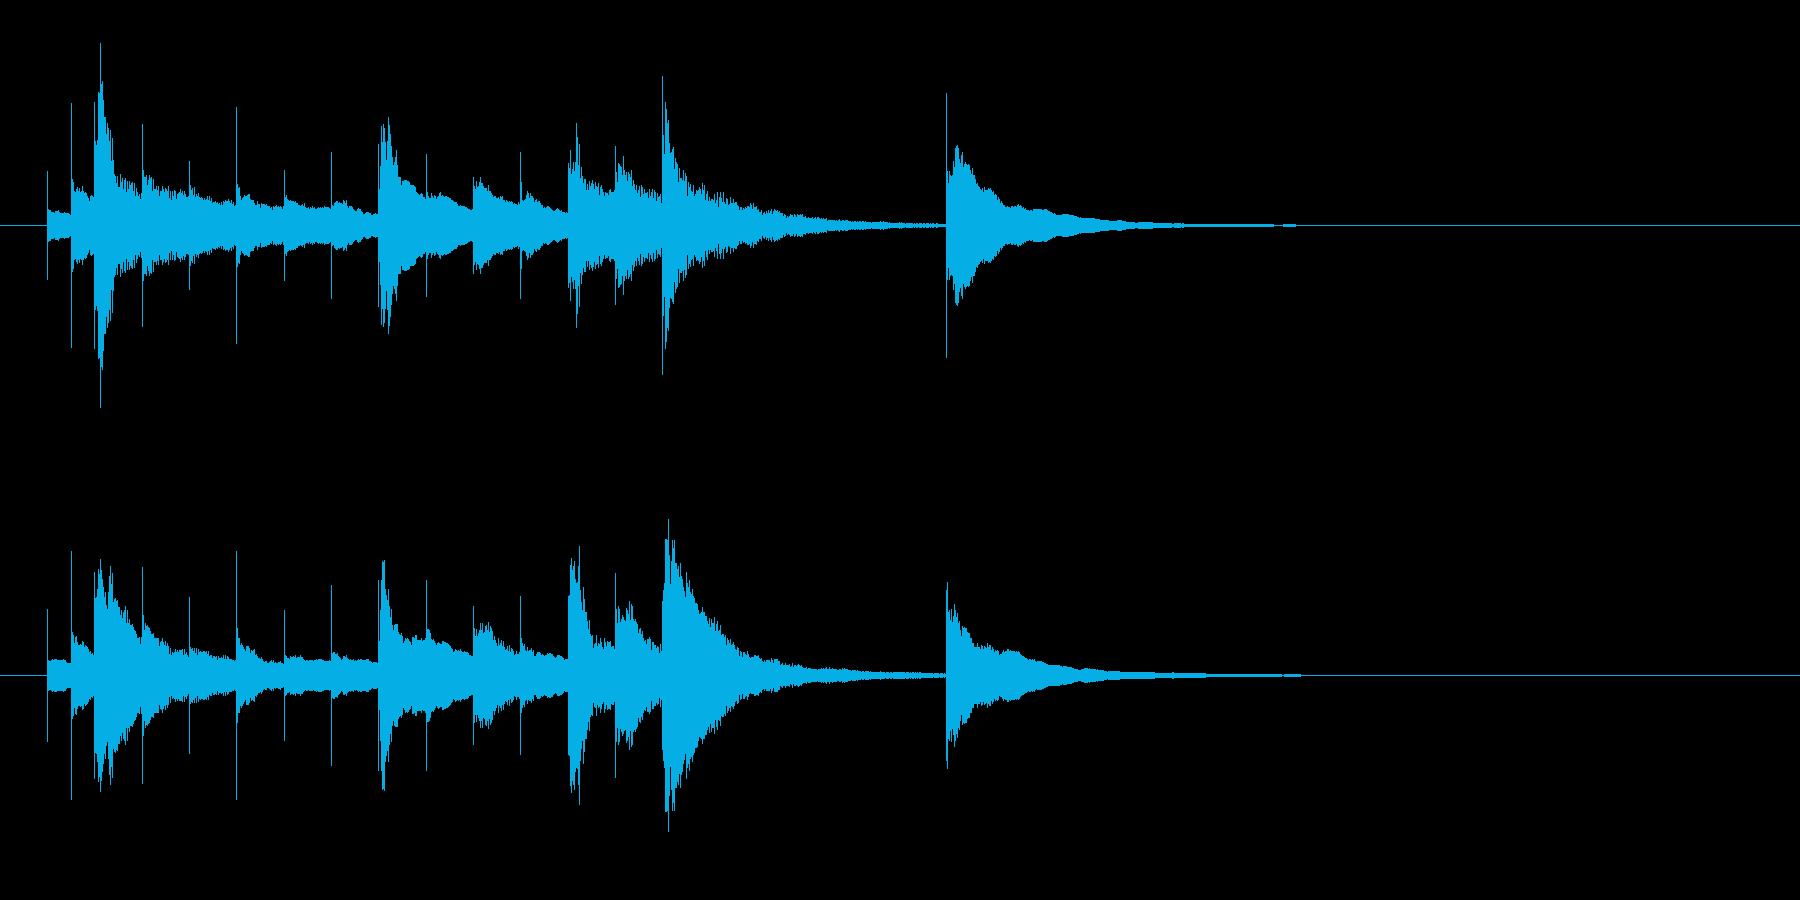 ベルのかわいいサウンドロゴの再生済みの波形